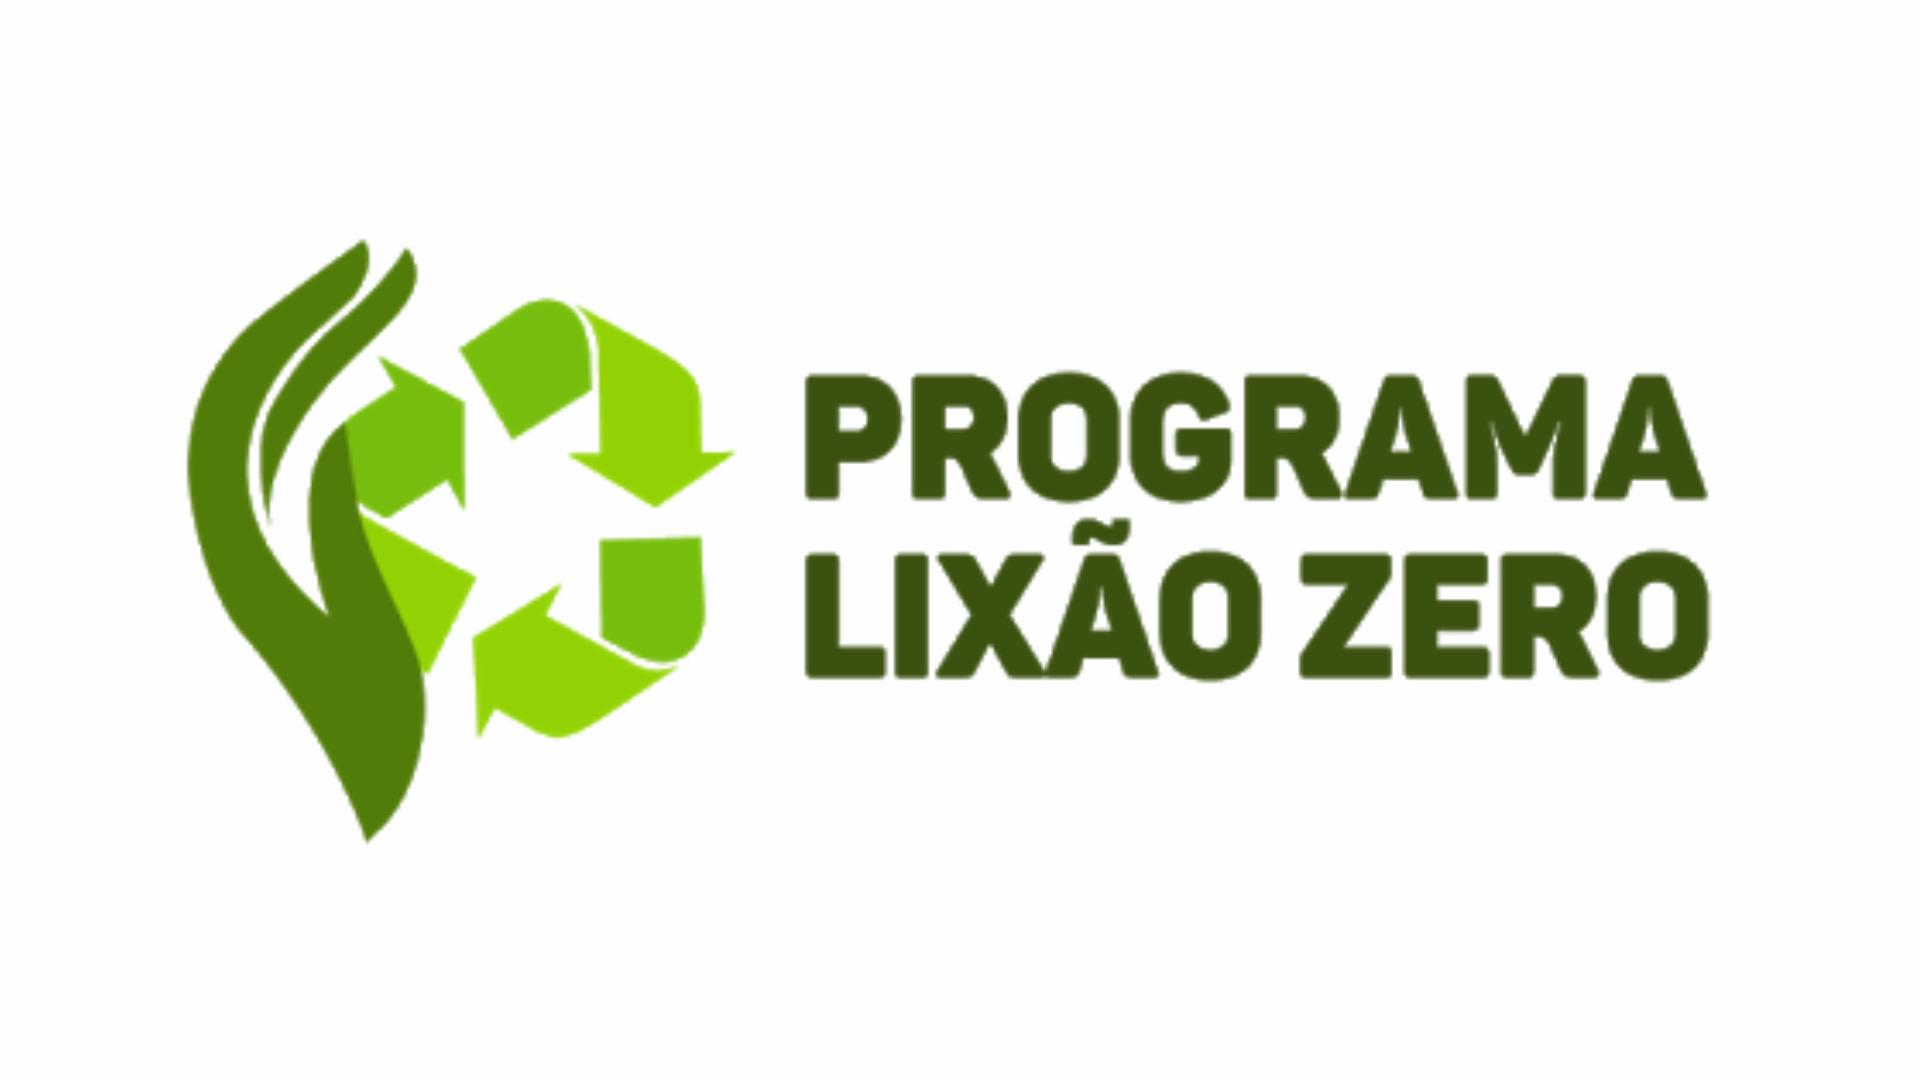 Municípios mineiros receberão investimentos do programa Lixão Zero